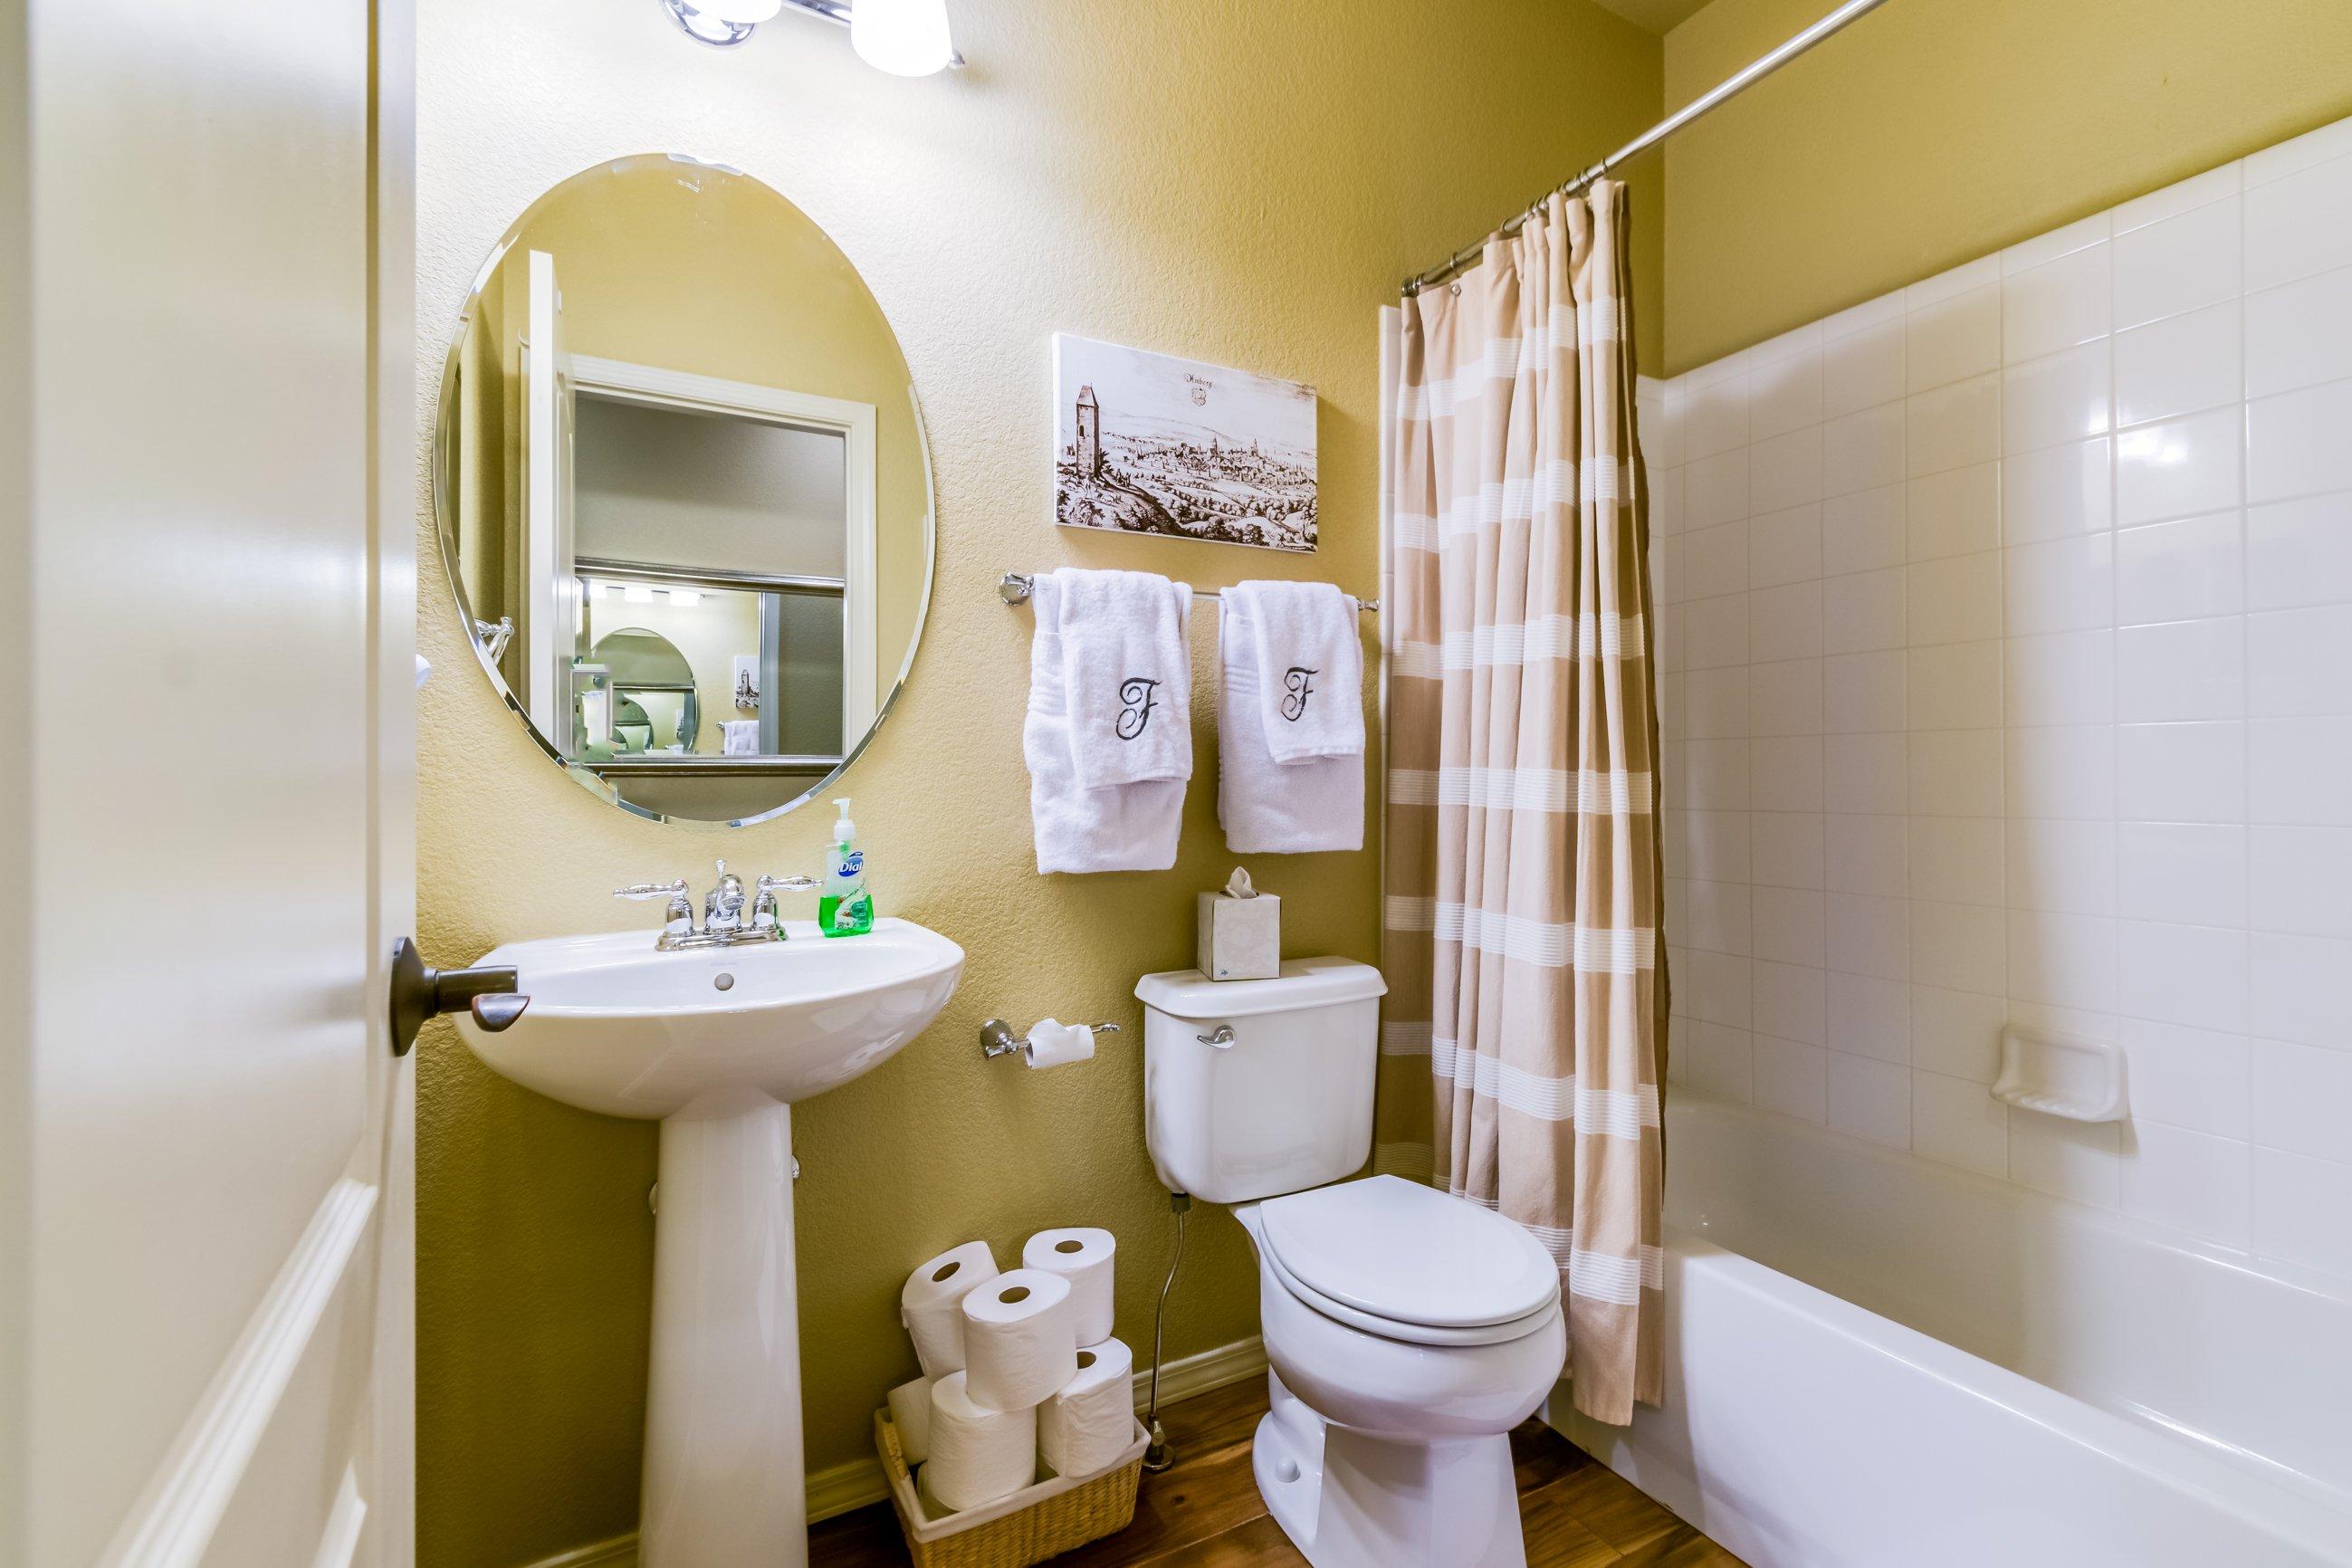 Gold Hill Mesa condo for sale, picture of bathroom